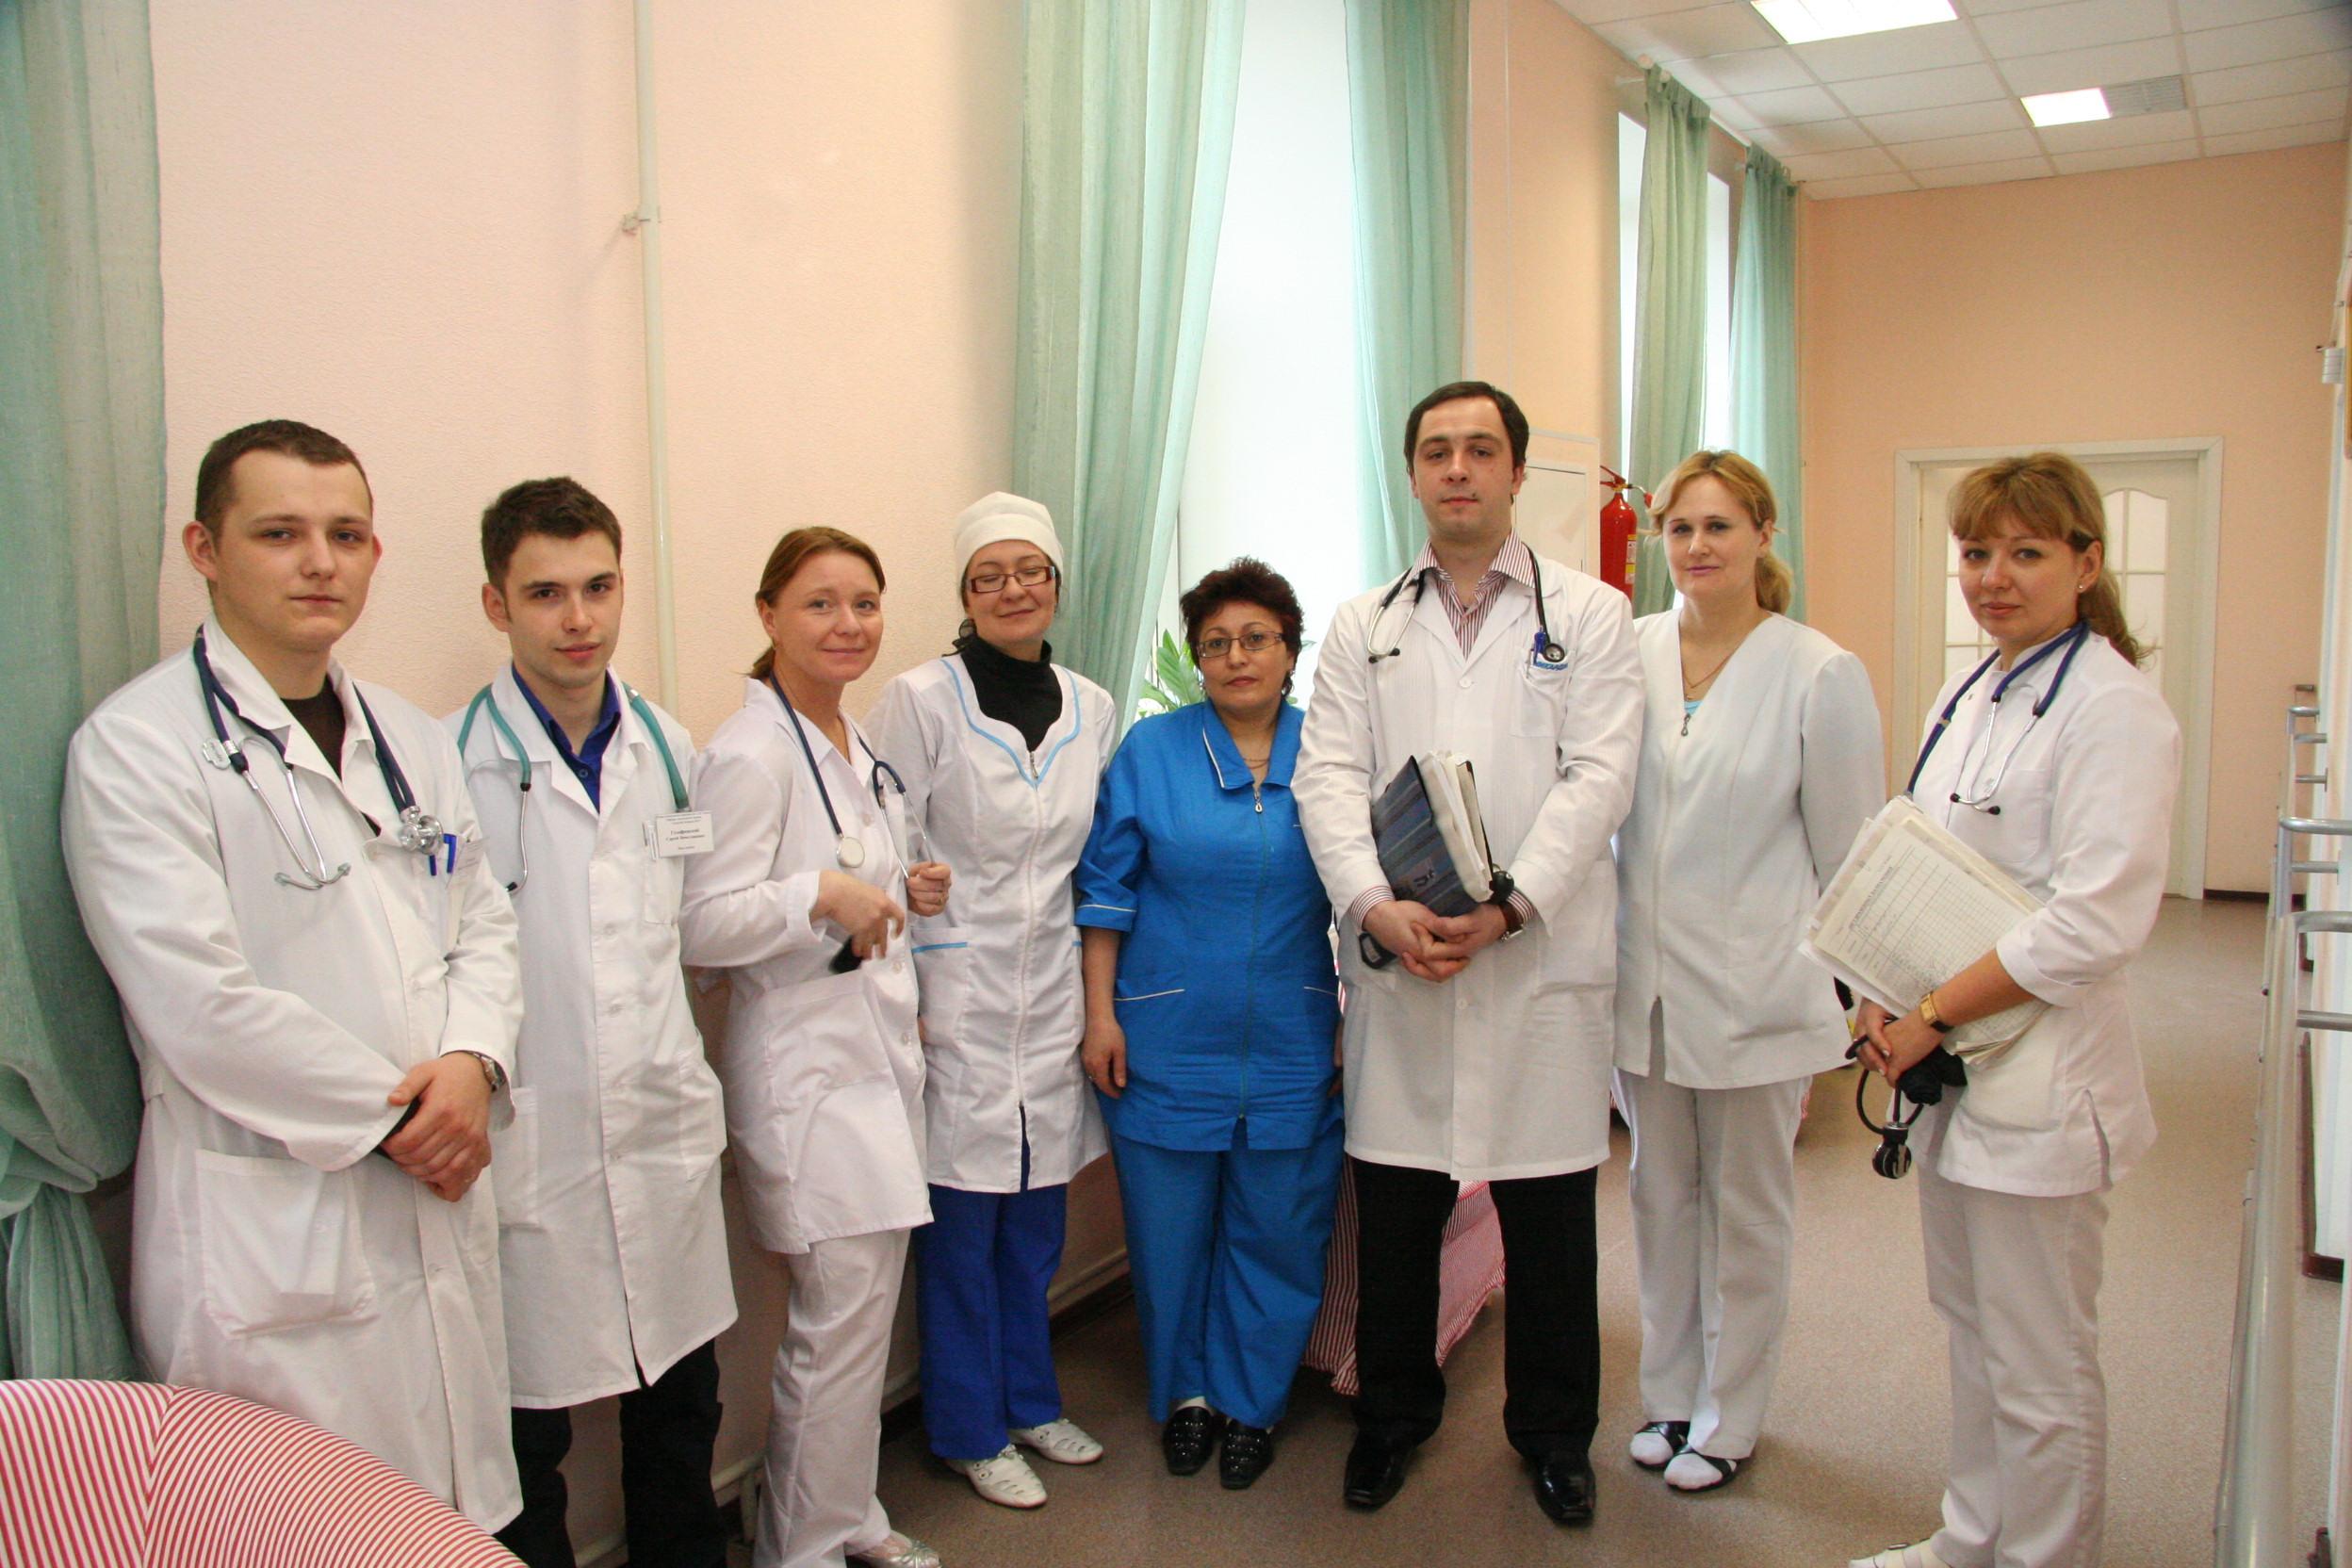 Фото санкт петербург медицинских работников военно-морского госпиталя 5